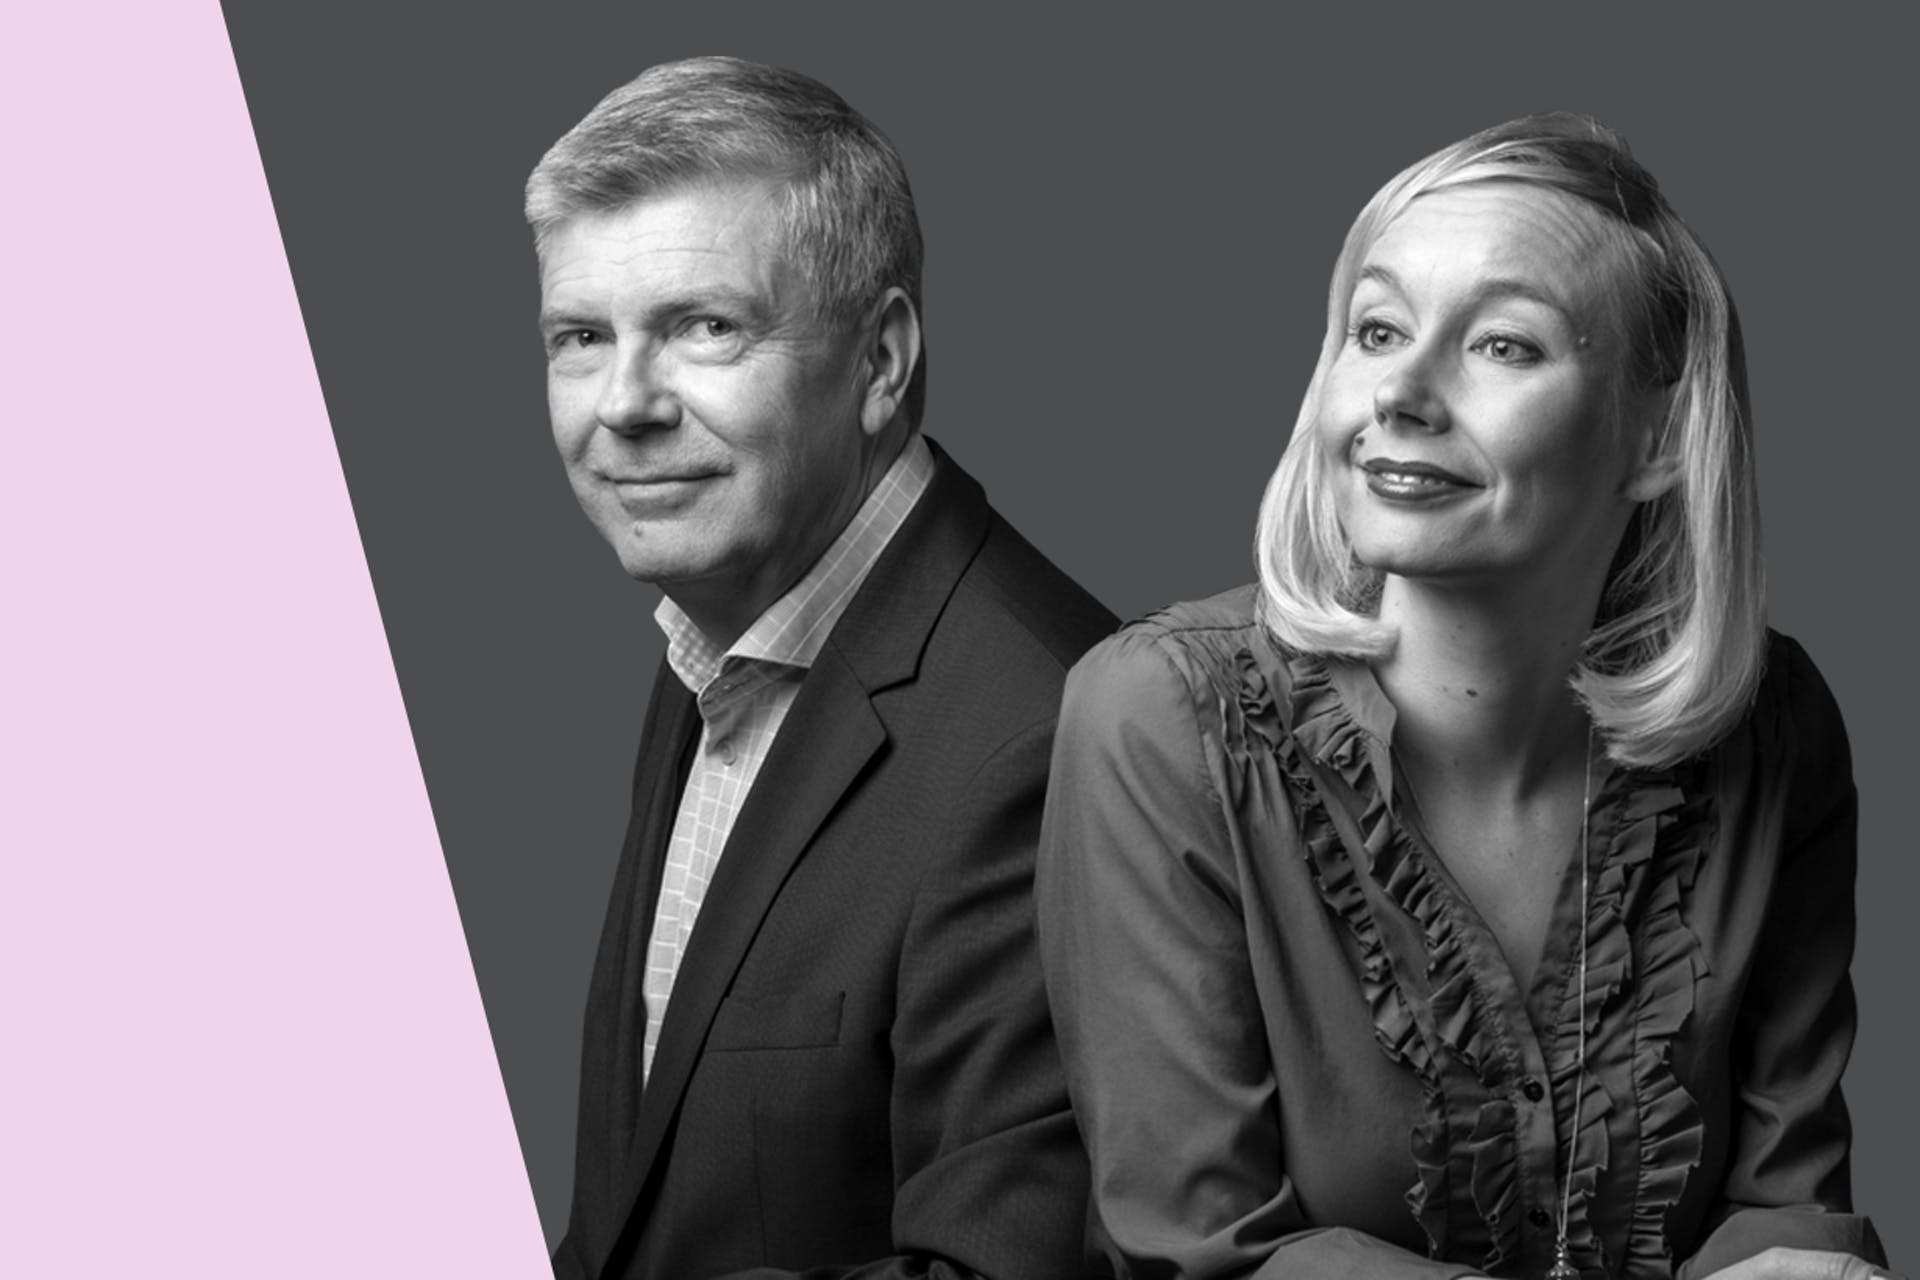 Näin kirjoitat toimivia tiedotteita -webinaarin puhujat Salla Syrman ja Ile Könönen